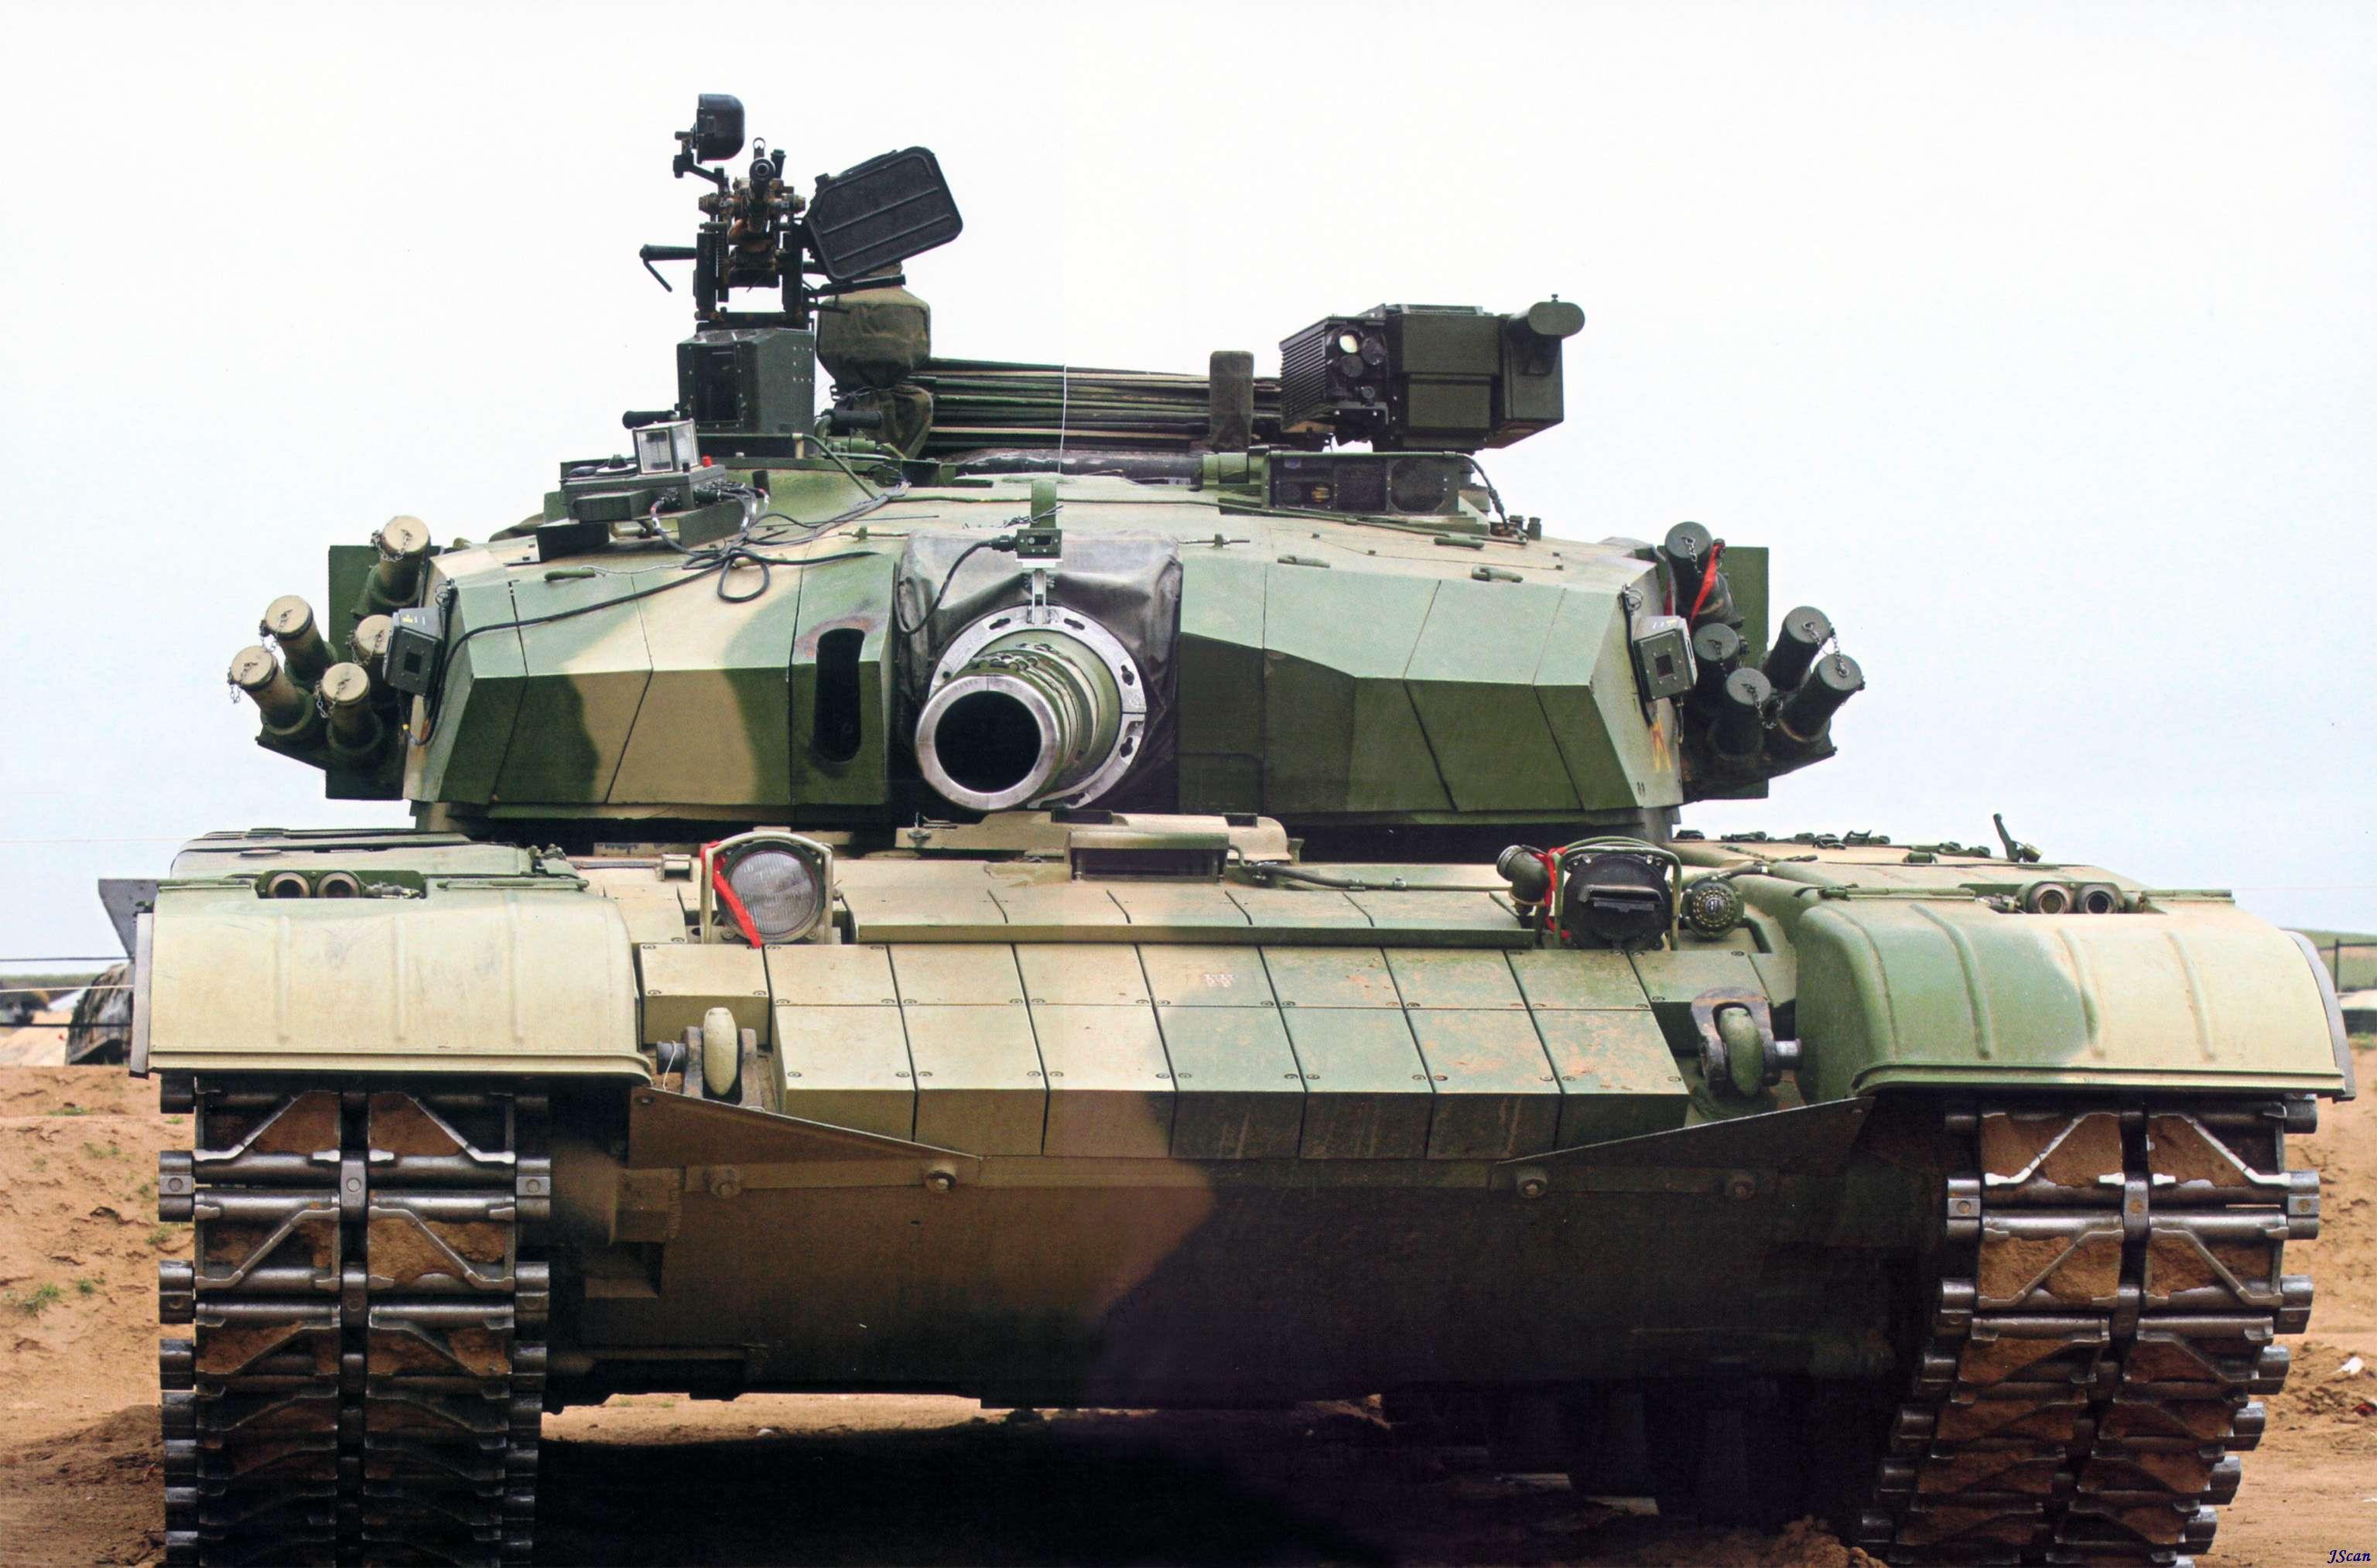 تصويت : افضل دبابة في العالم 113668_259922313_Type99_mod_26_34_47a2a786b96d9dc